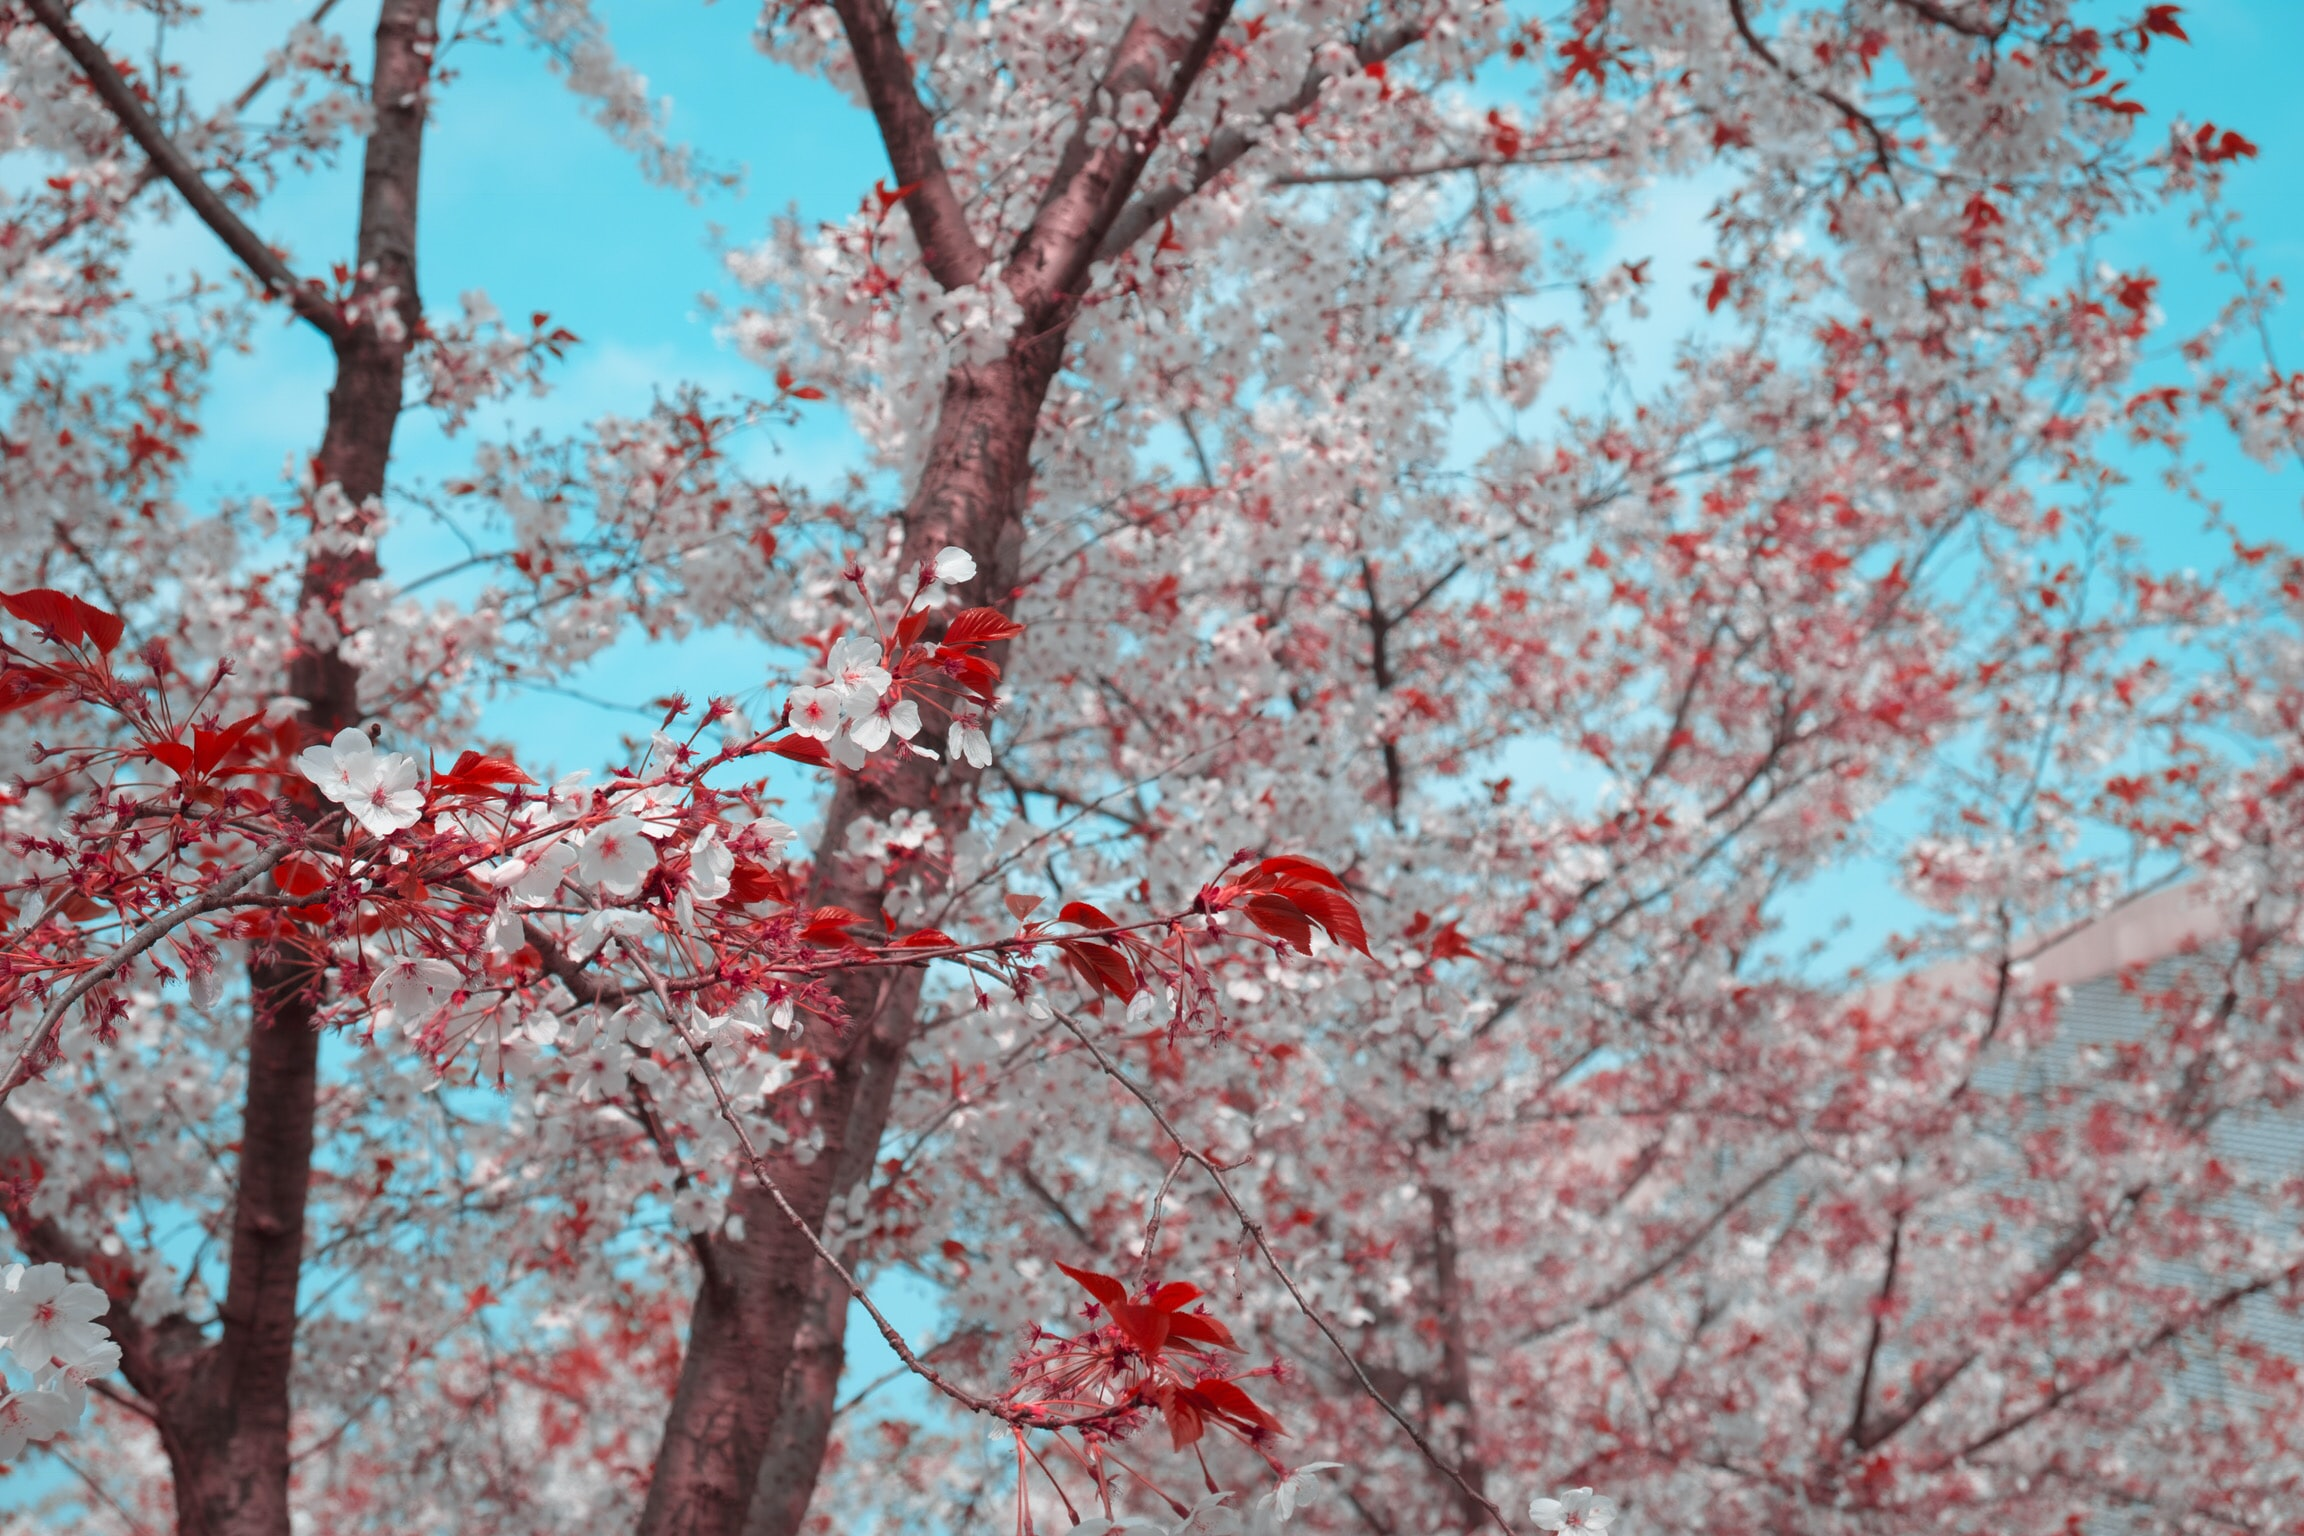 pink petaled tree